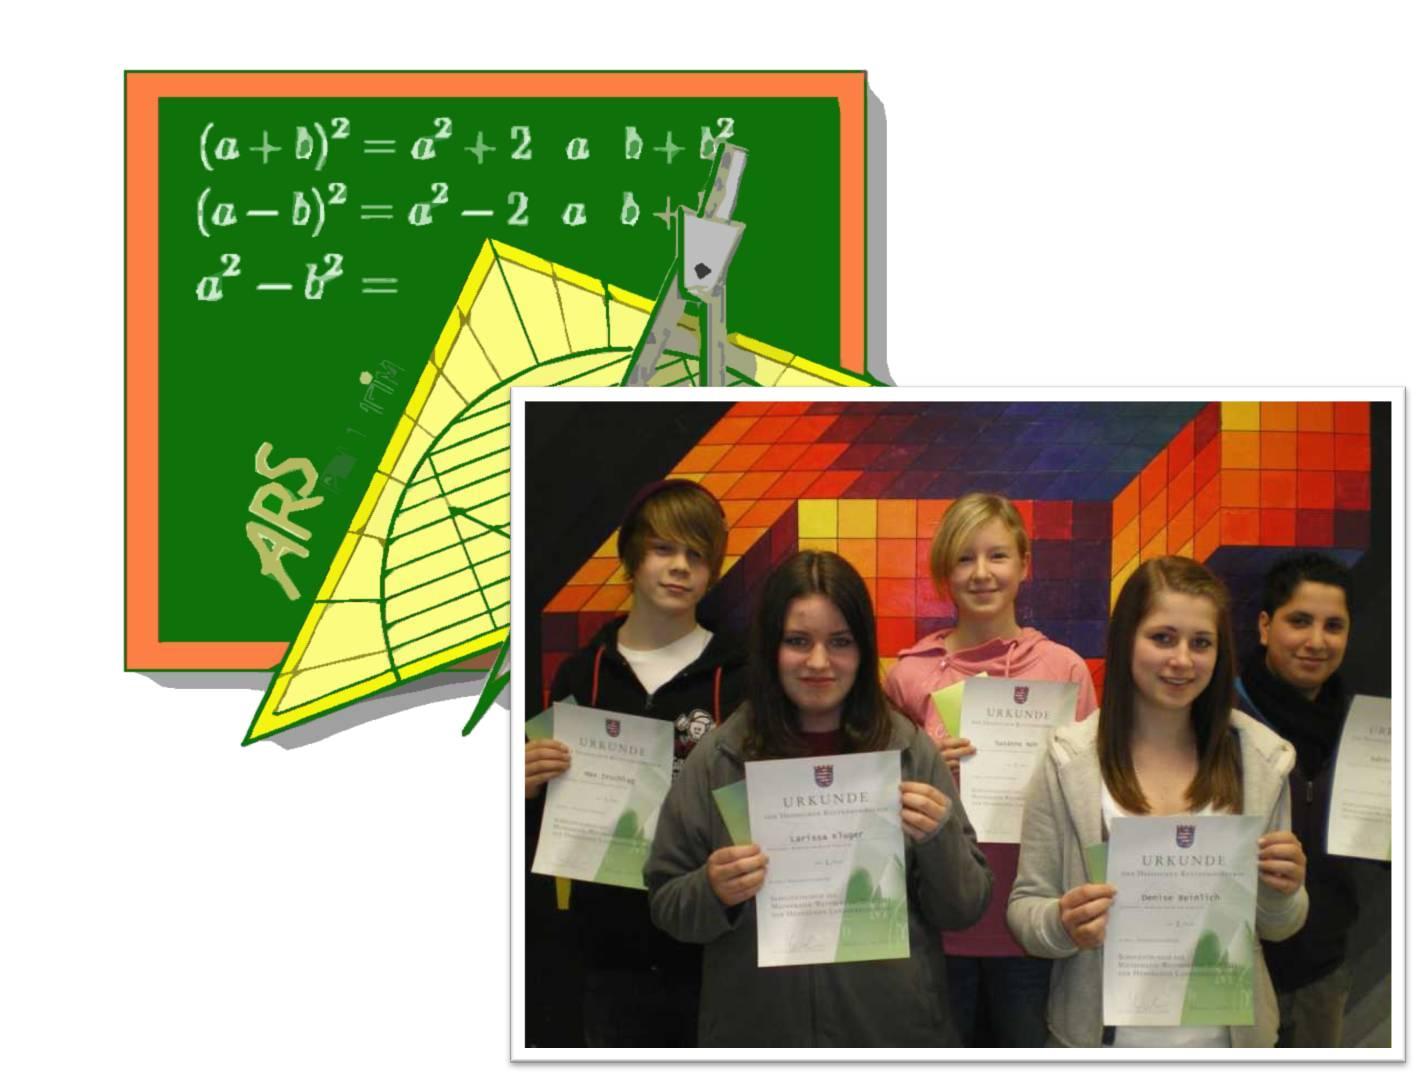 Mathe Gewinner 2011